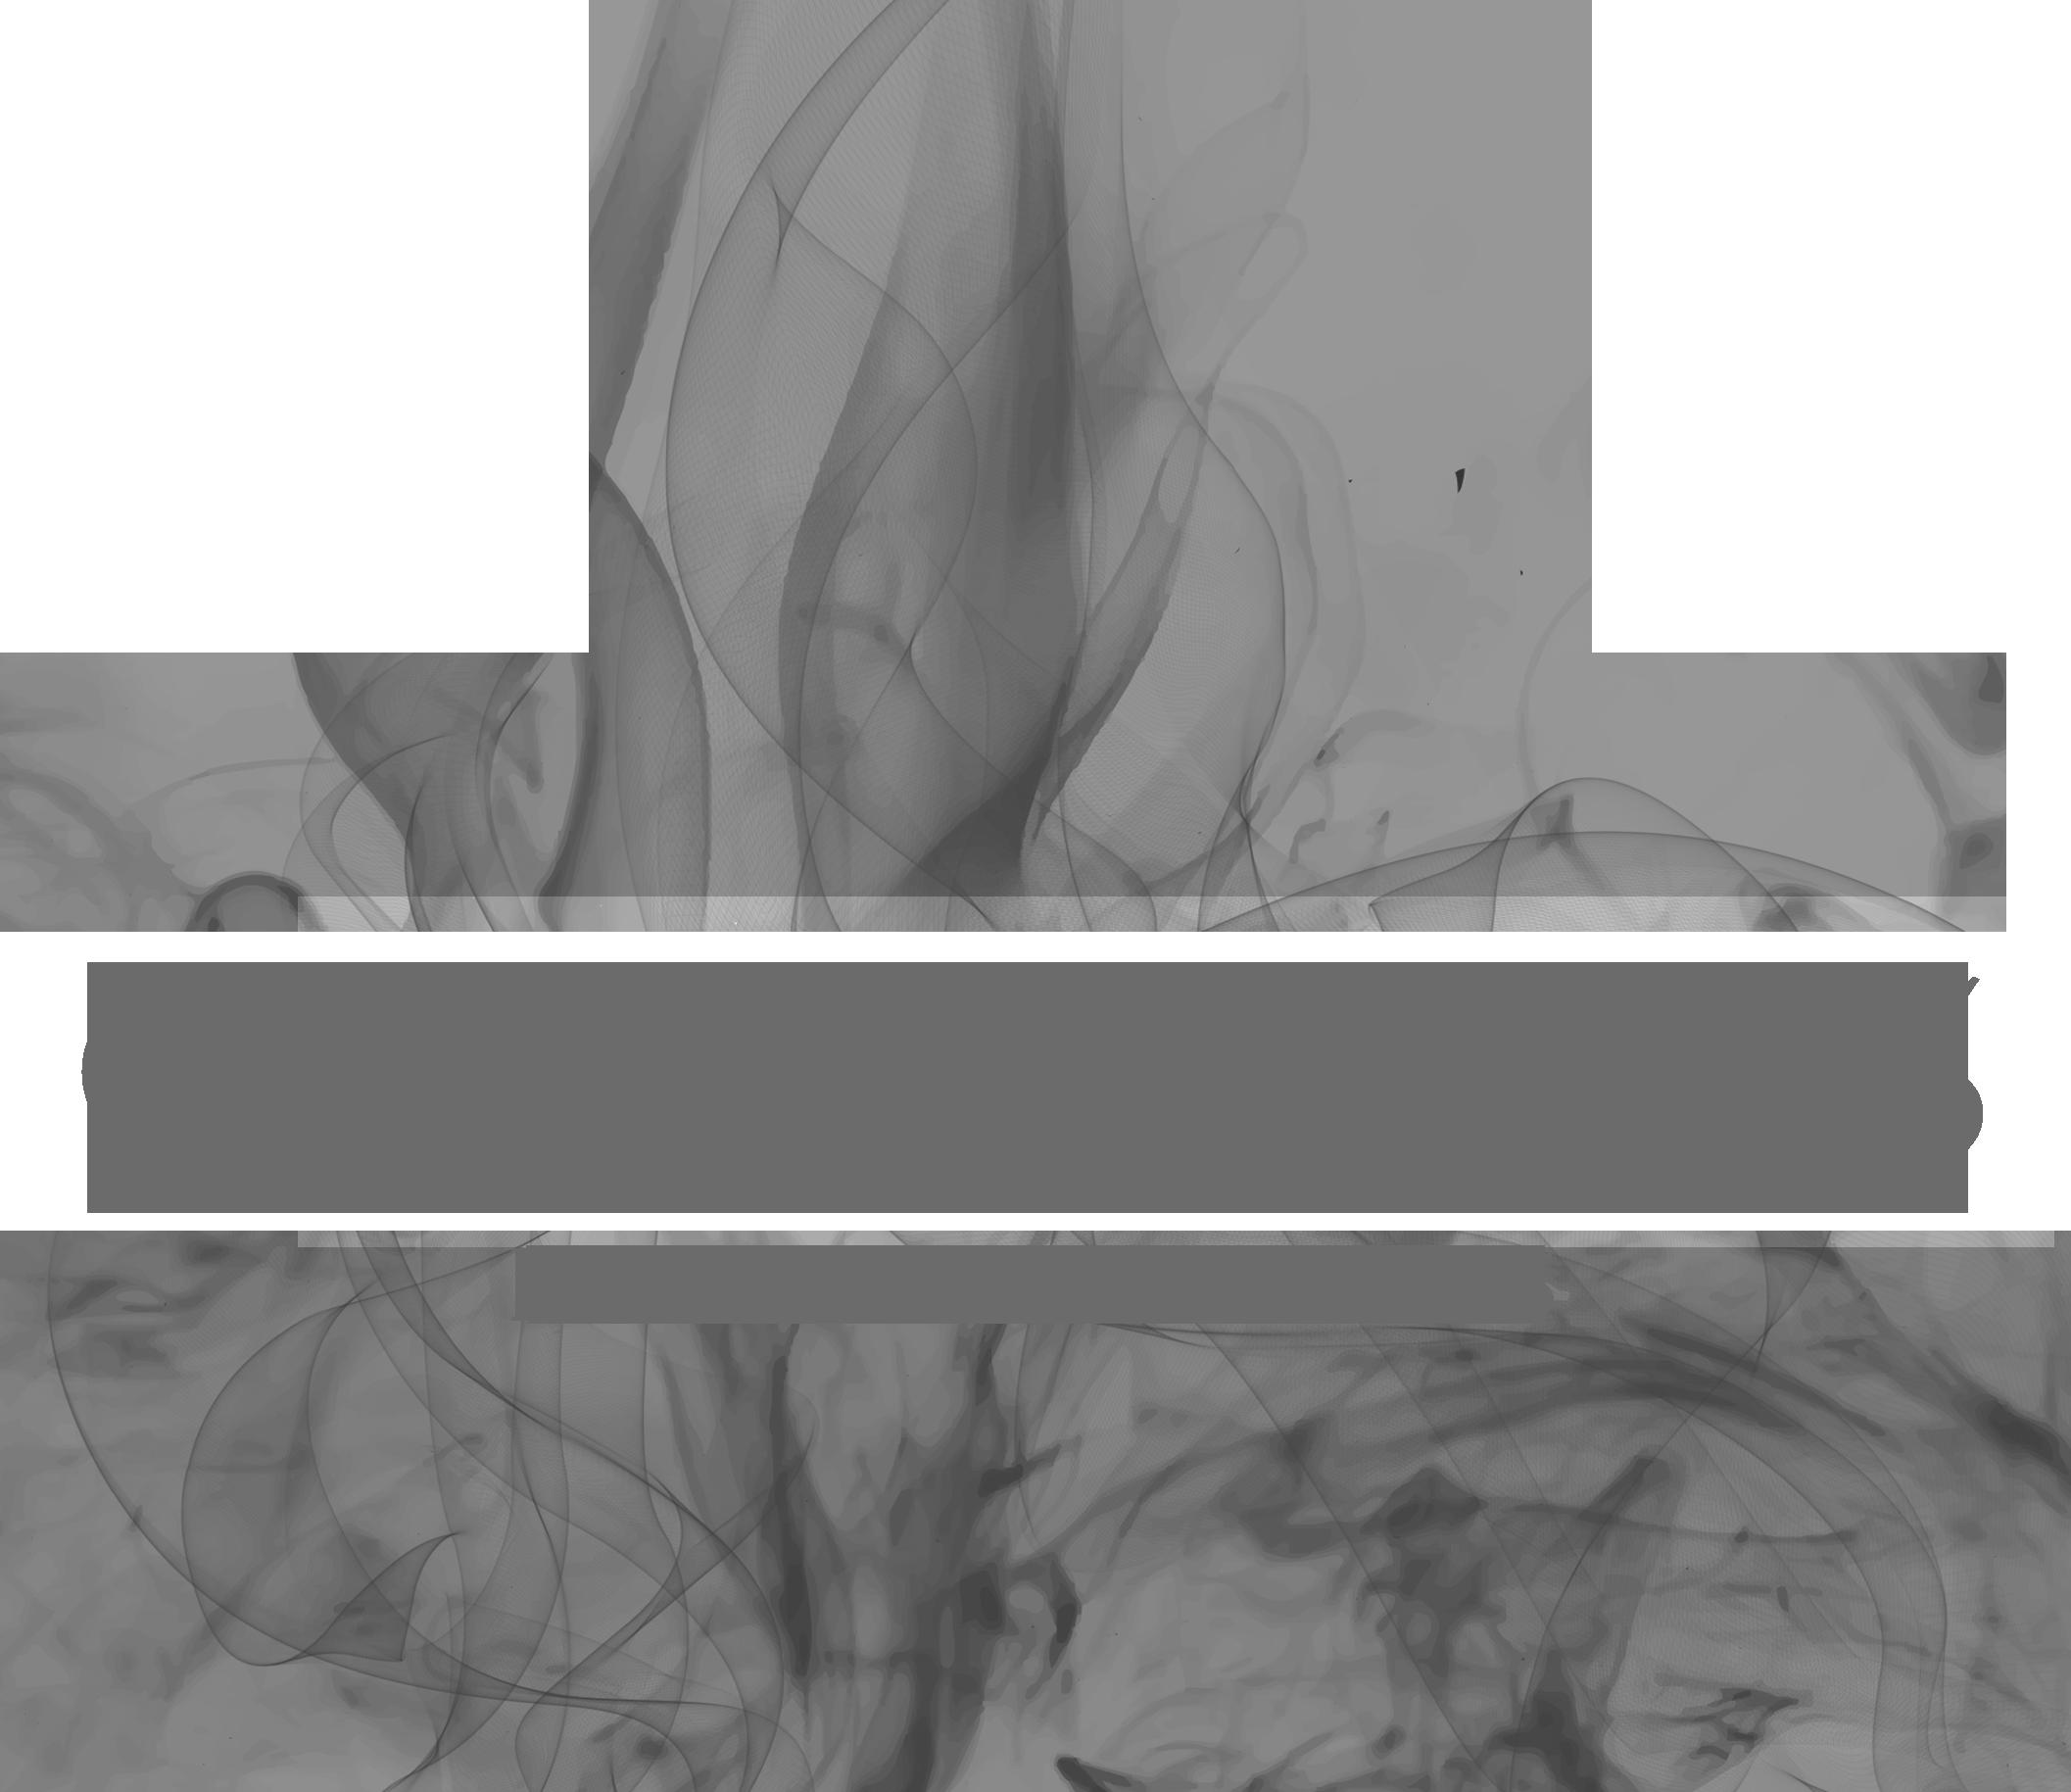 Qualisrail.com